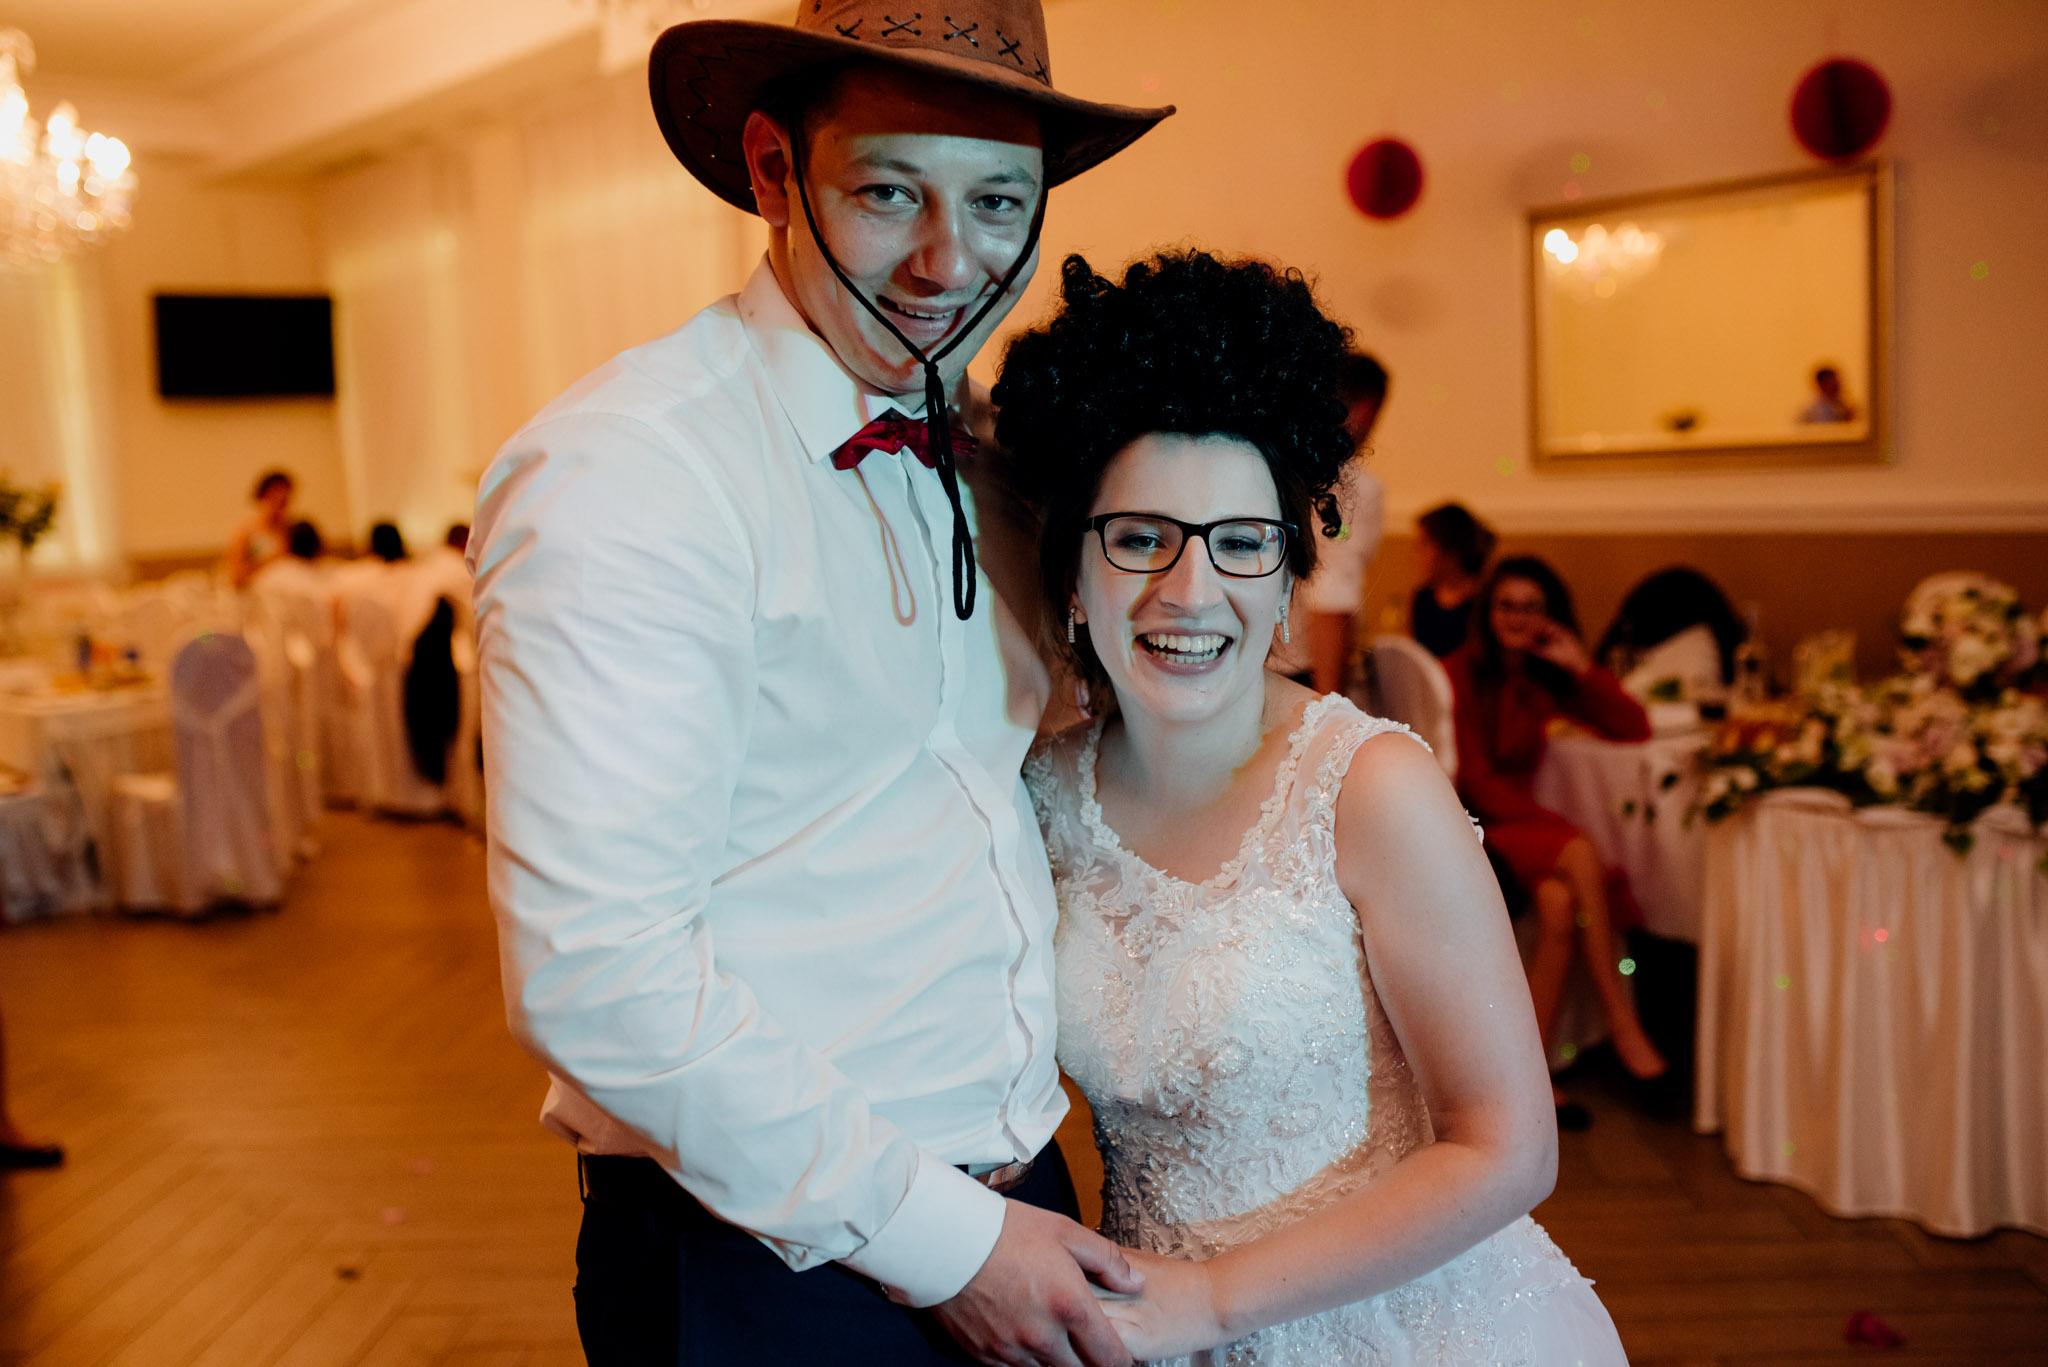 fotograf ślubny stalowa wola, fotografia ślubna stalowa wola, wesele stalowa wola